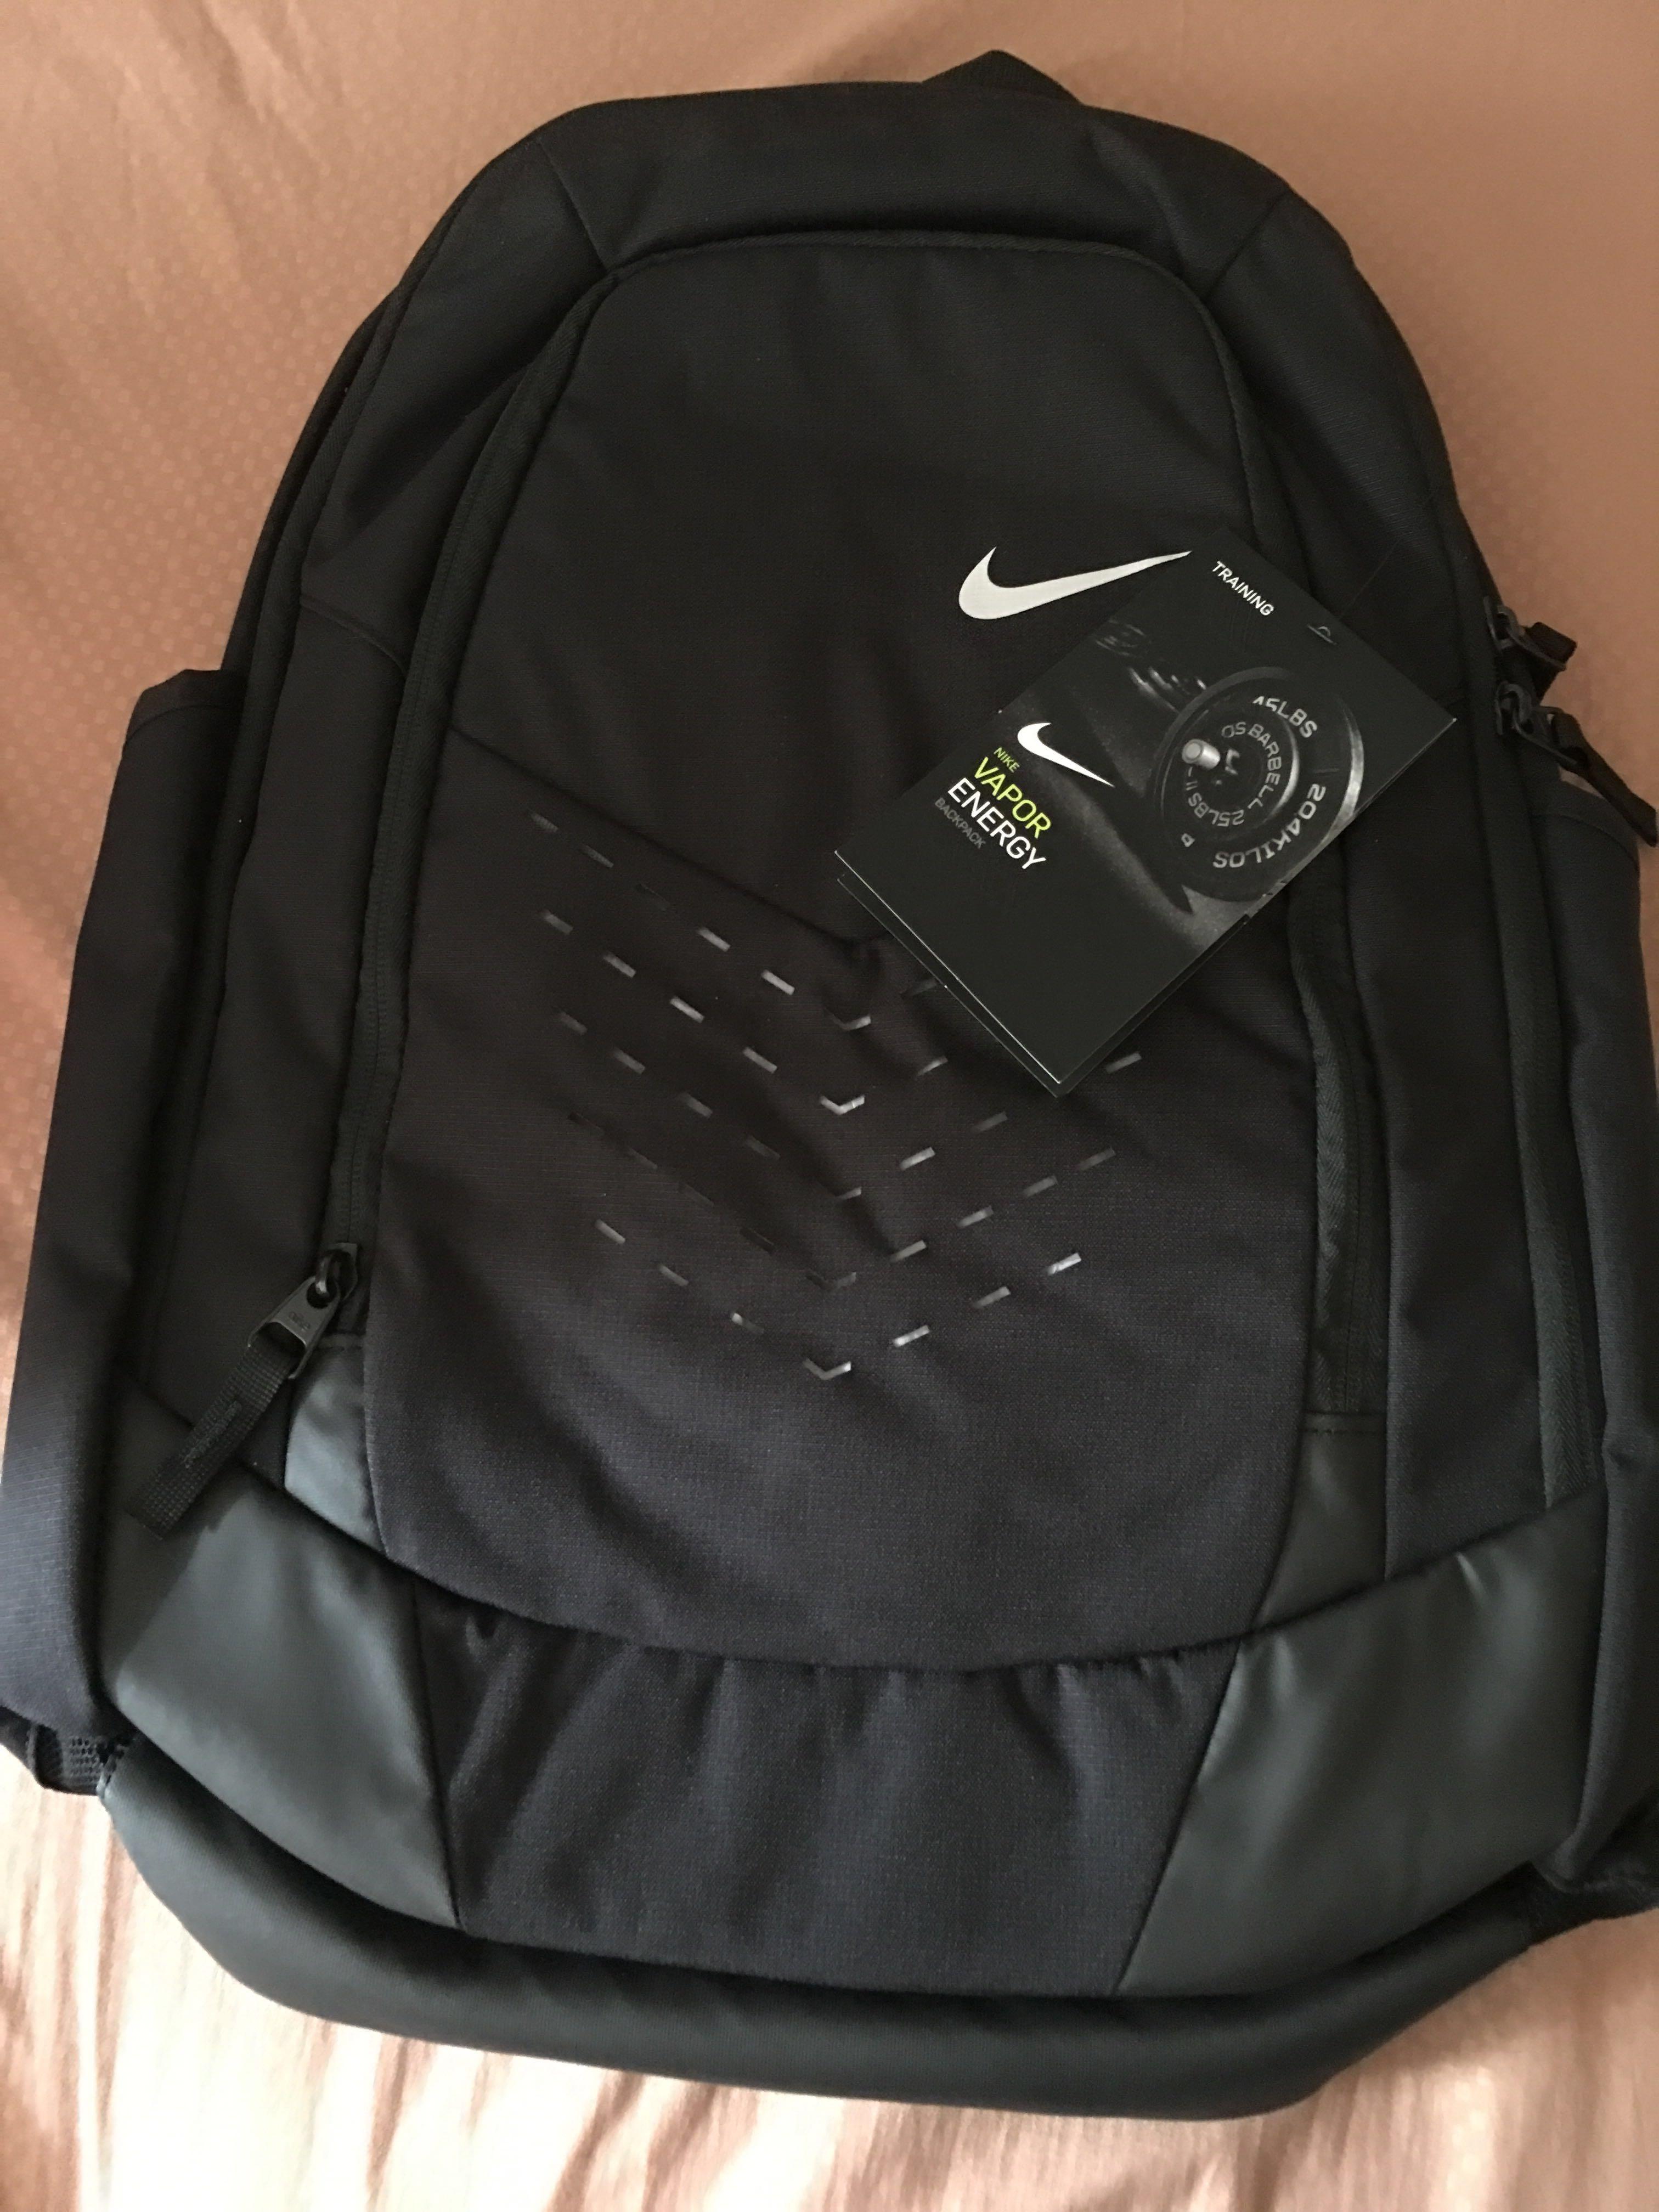 Authentic Nike Vapor Energy Backpack 9658d123de60